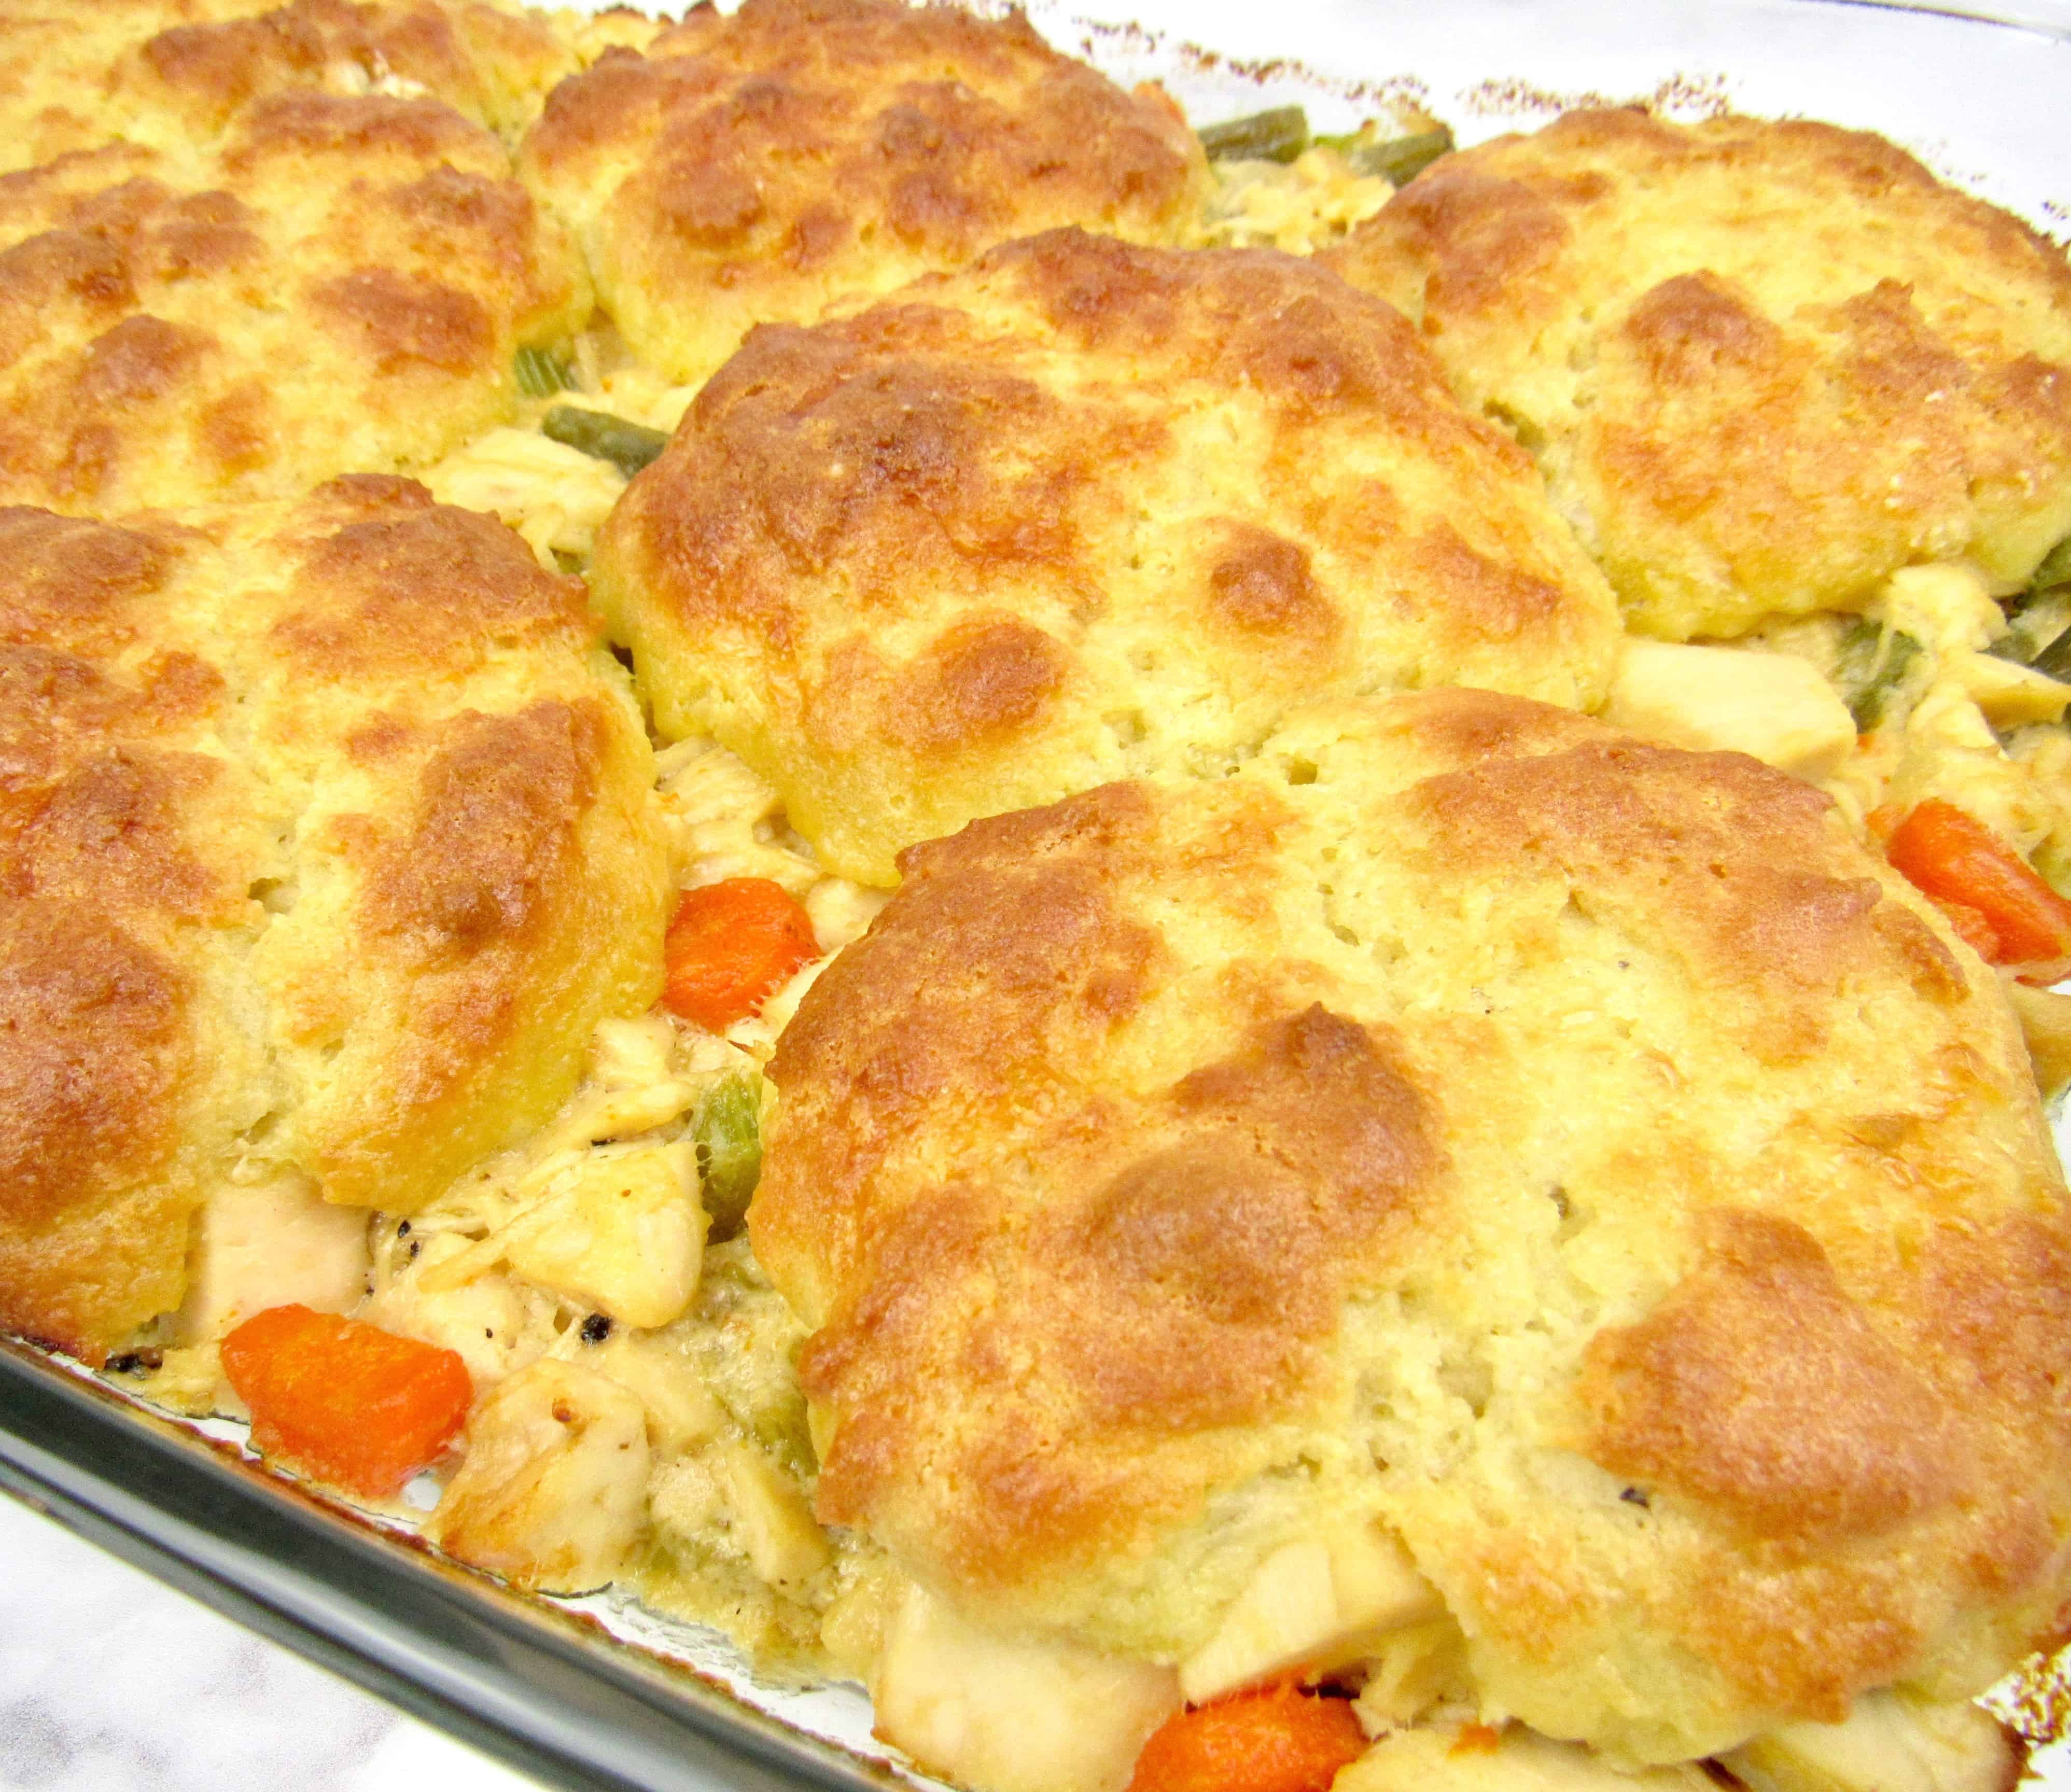 closeup of chicken pot pie casserole